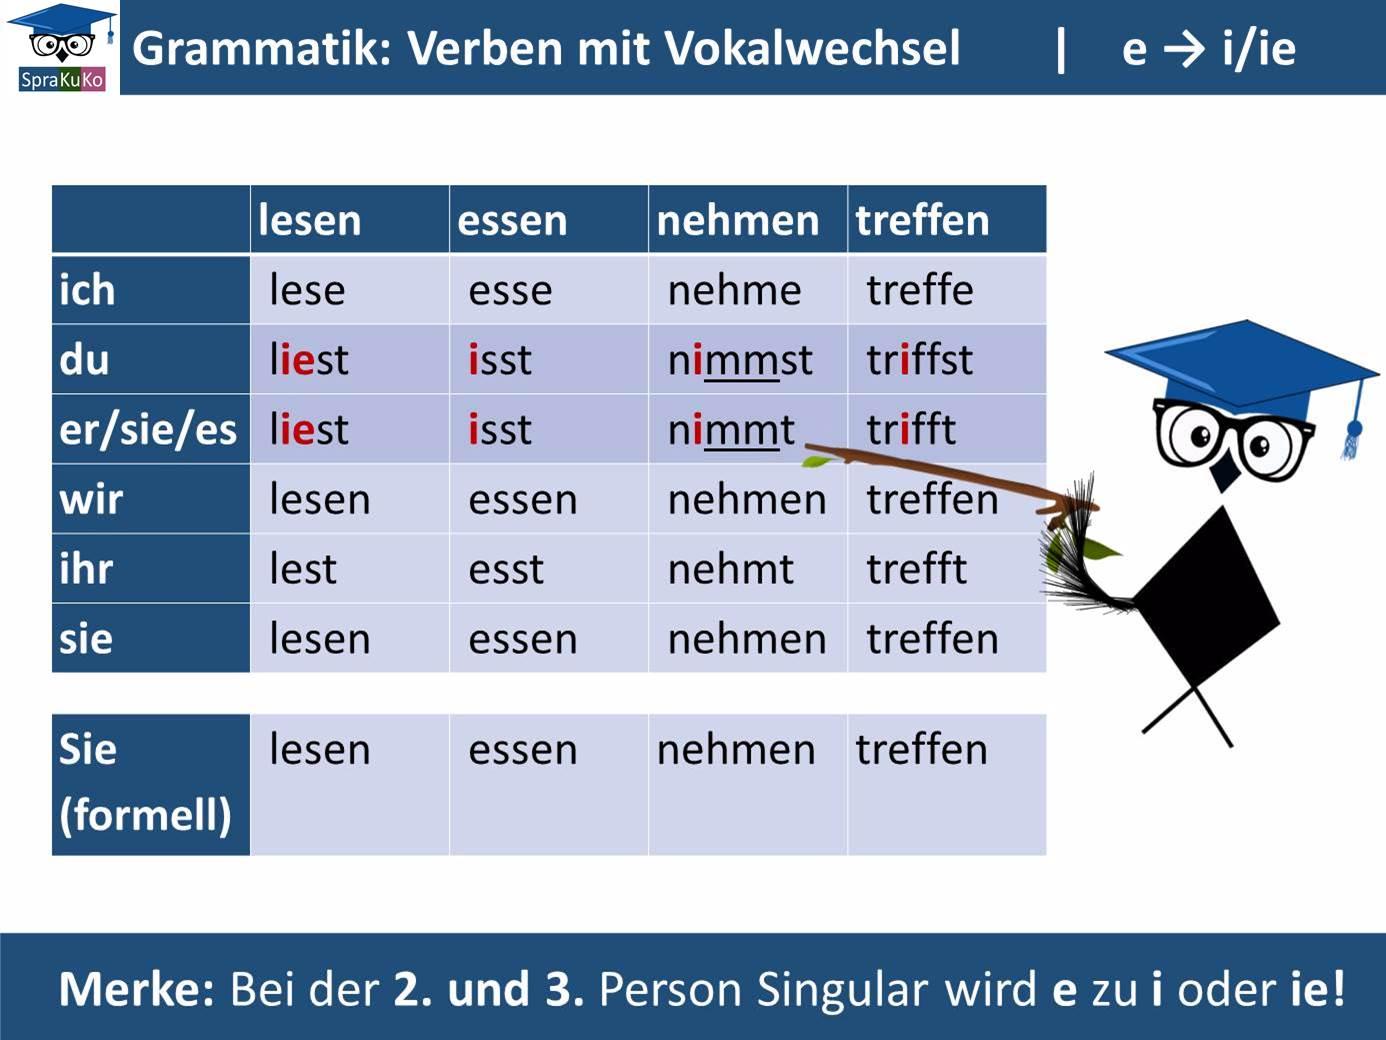 Verben mit Vokalwechsel (Erklärung)